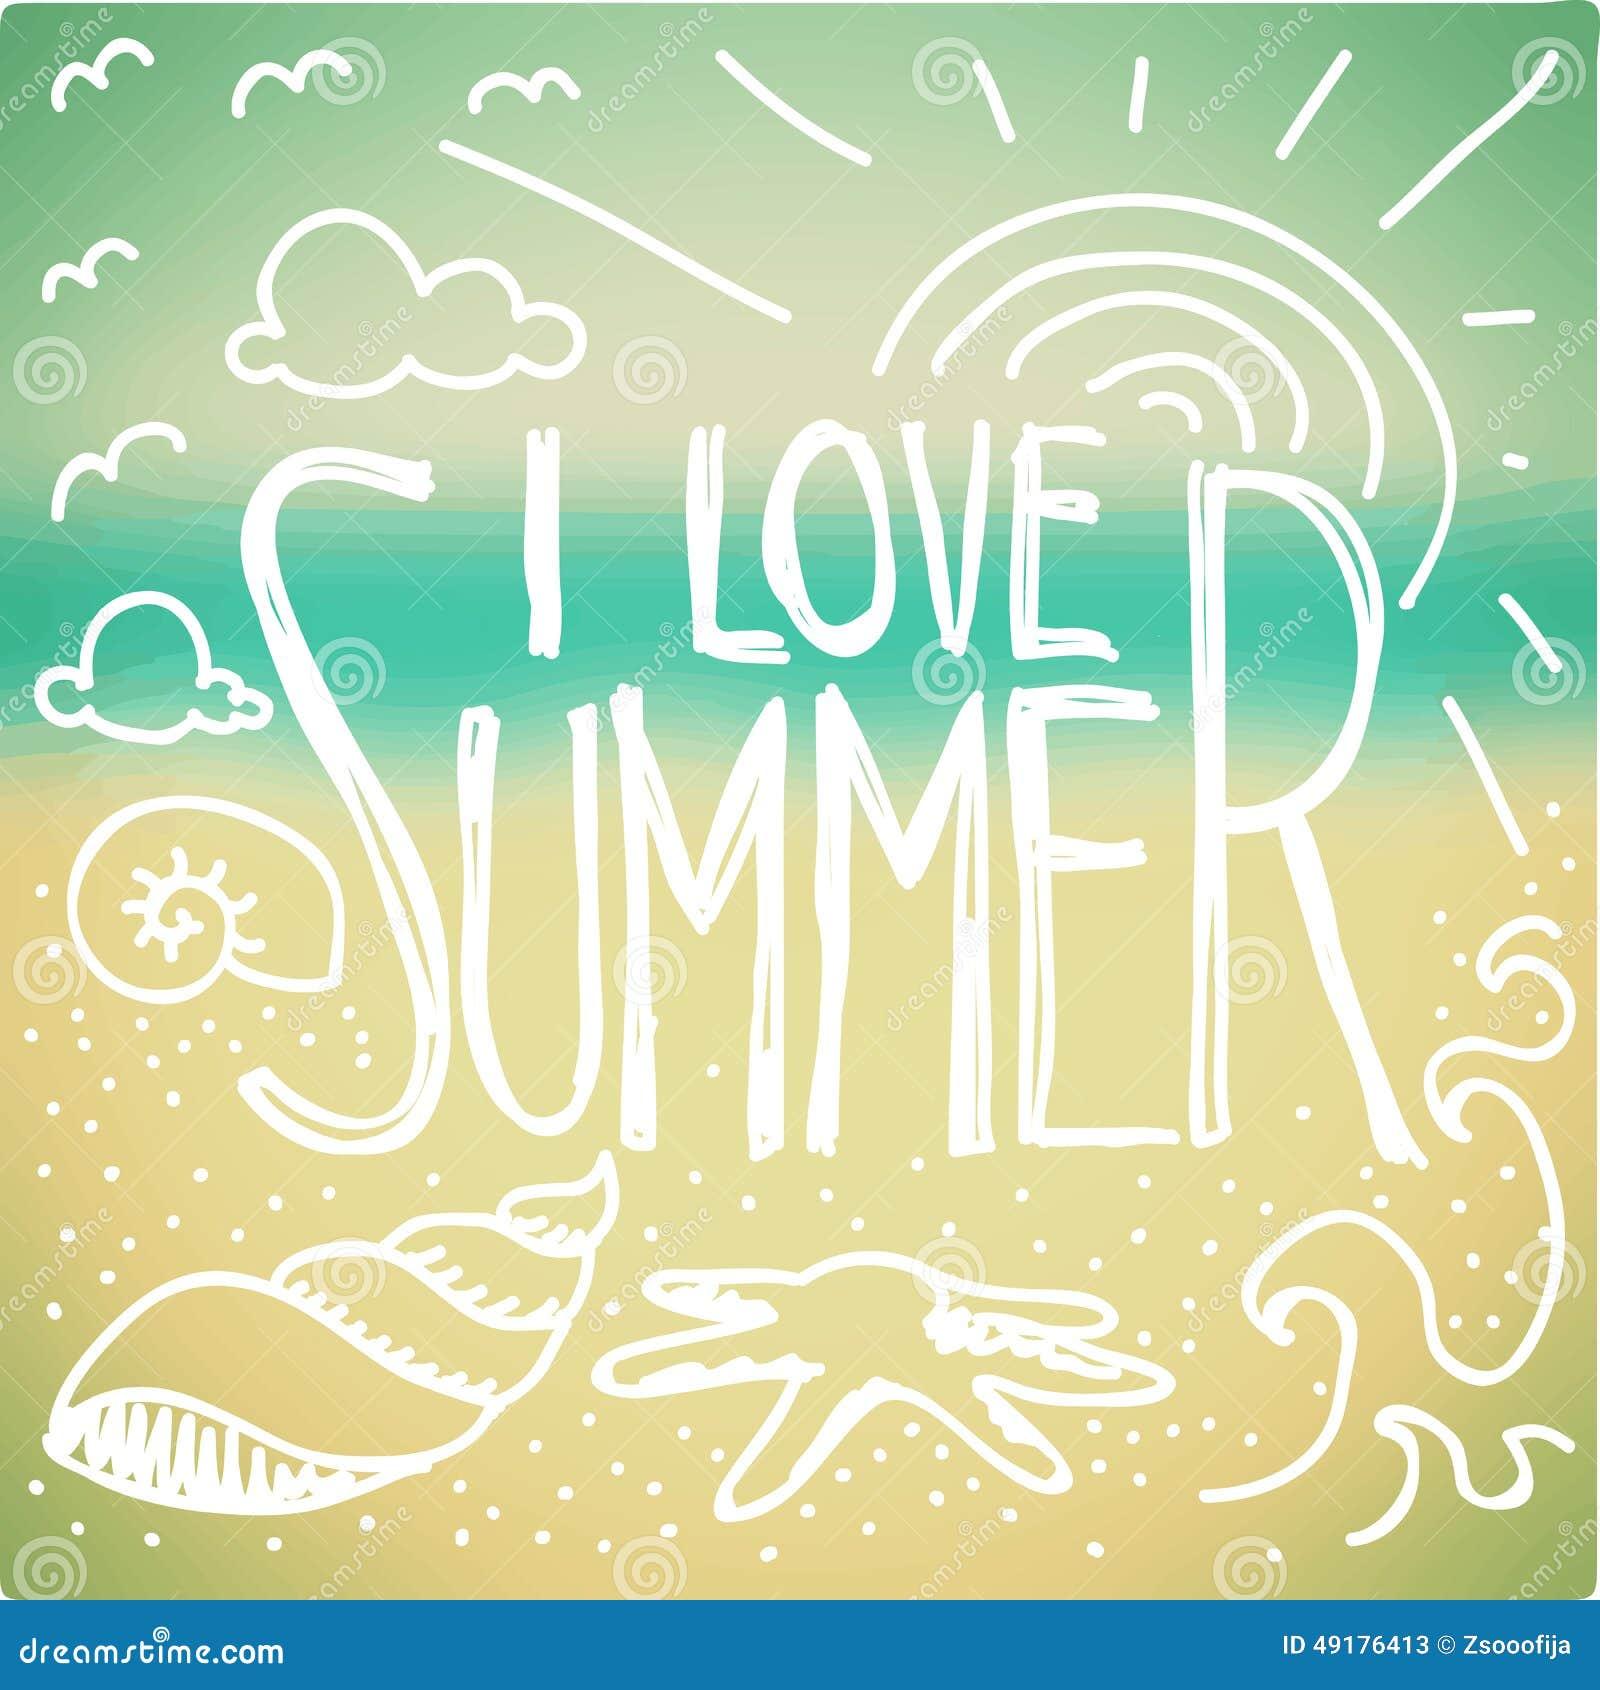 Stock Illustration I Love Summer Doodle Quote Blurred Seaside Backgrou...